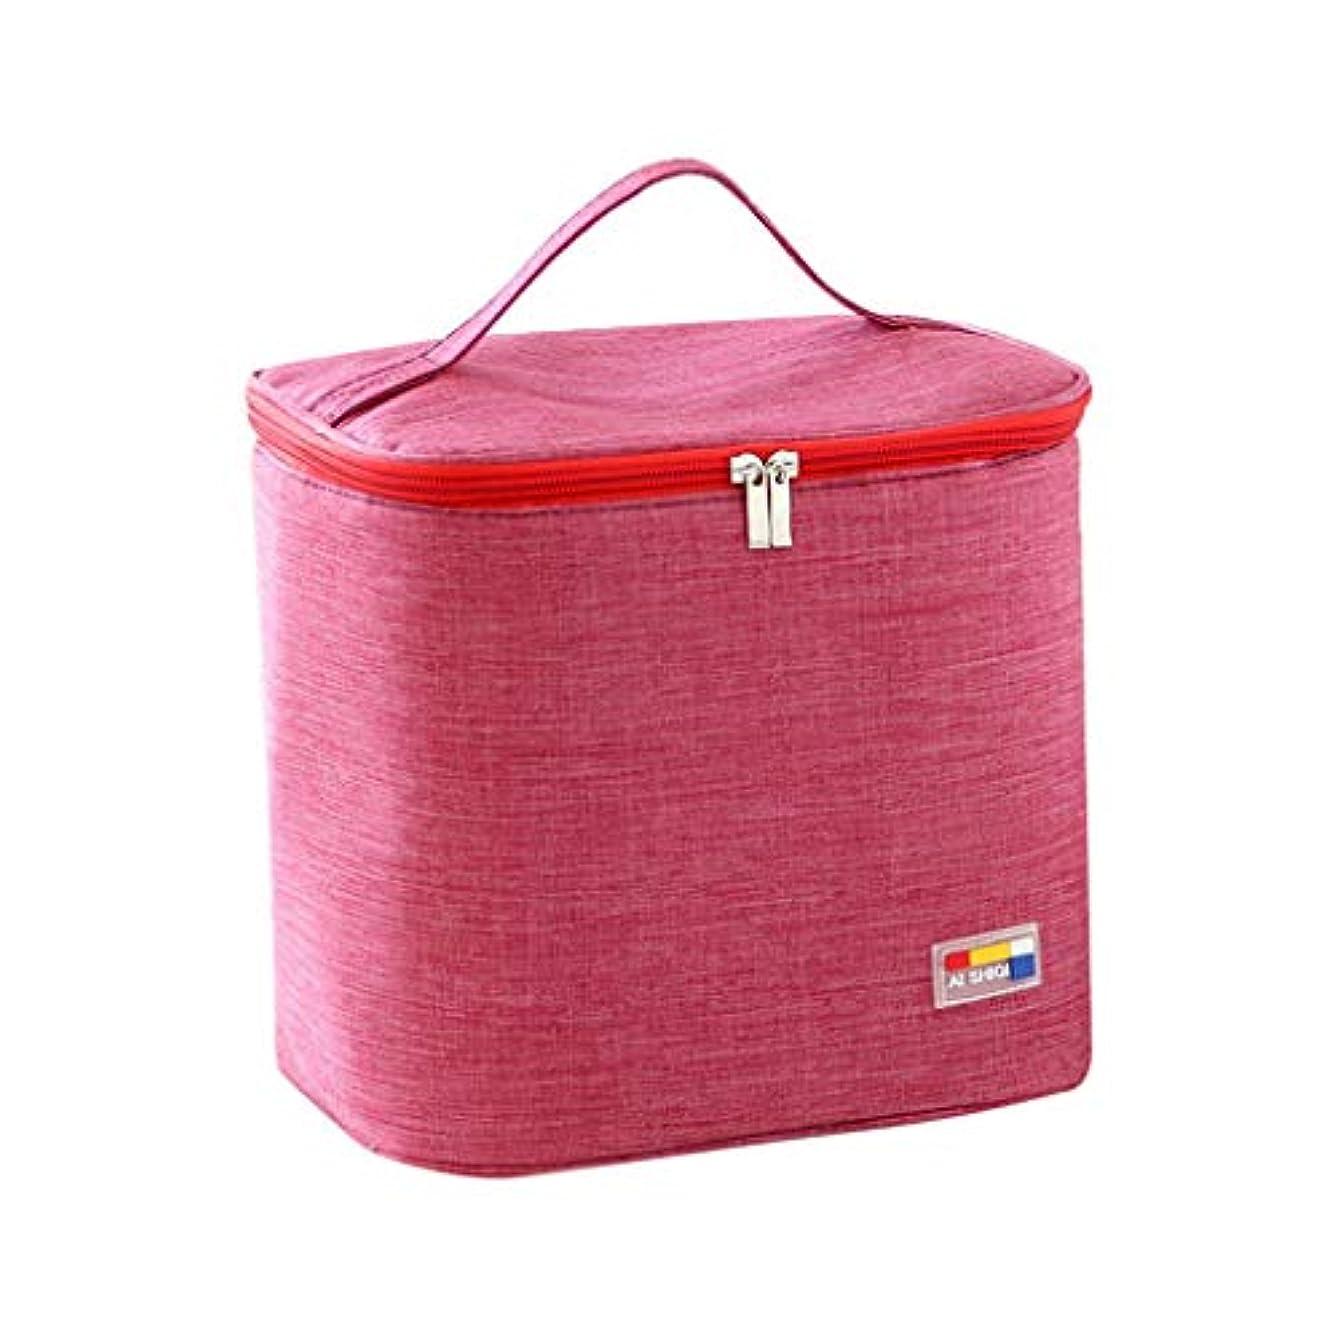 強調する充実永遠に専用ランチバッグトートバッグ断熱性を向上キャンプに適していますシンプルなバッグイージーファッション絶縁バッグ冷蔵バッグポケットを描く冷却ハンドバッグ防水ハンドバッグ (A)